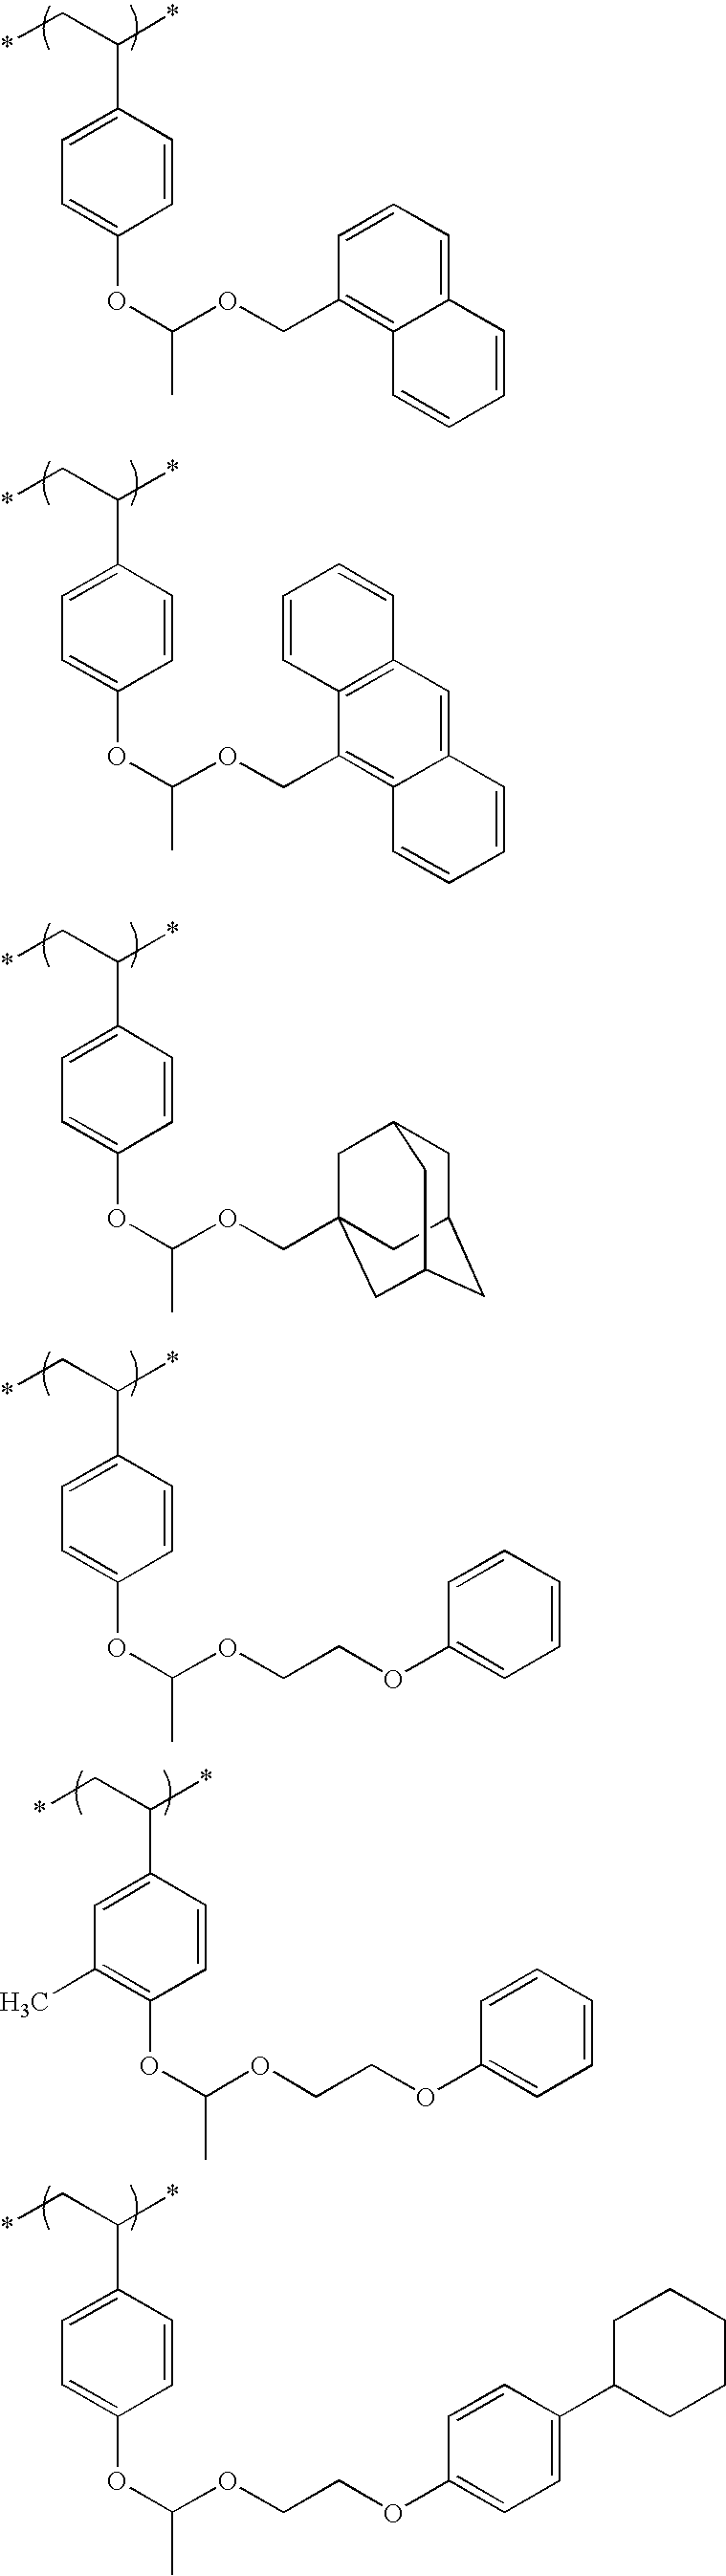 Figure US20100183975A1-20100722-C00089